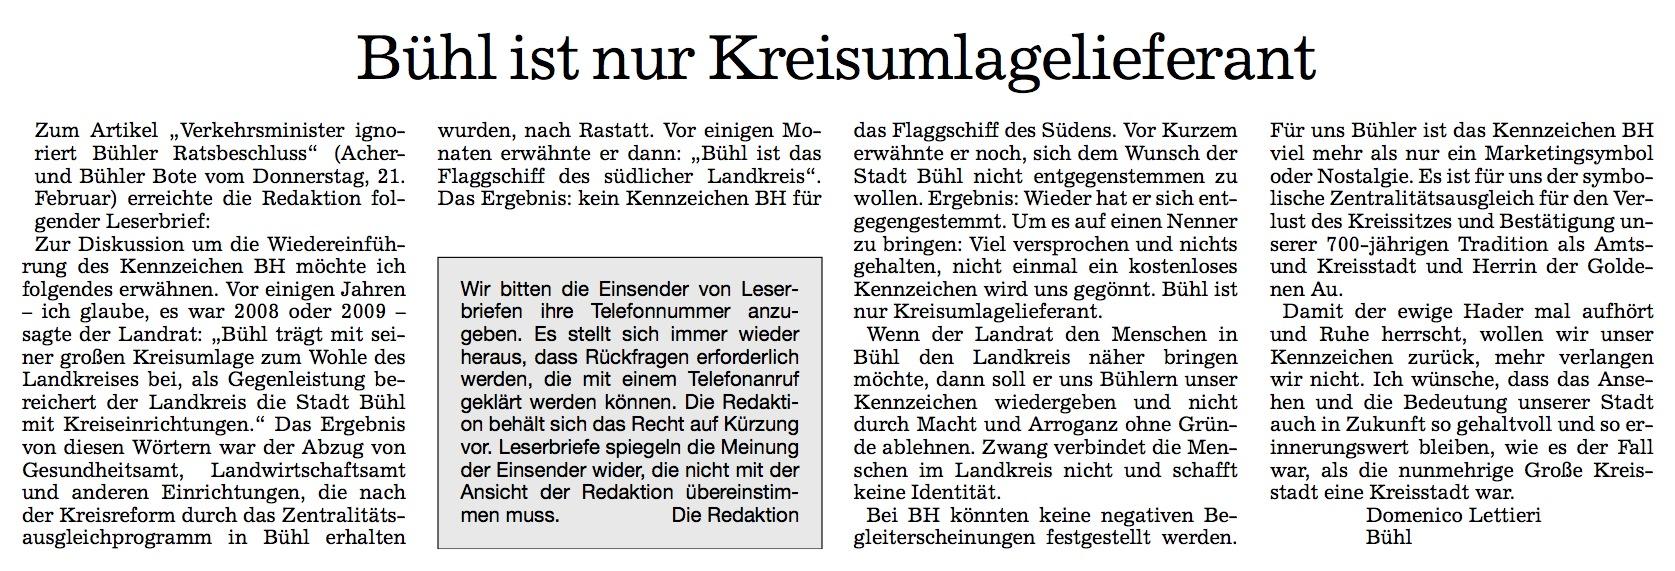 Acher- und Bühler Bote, 23.02.2013